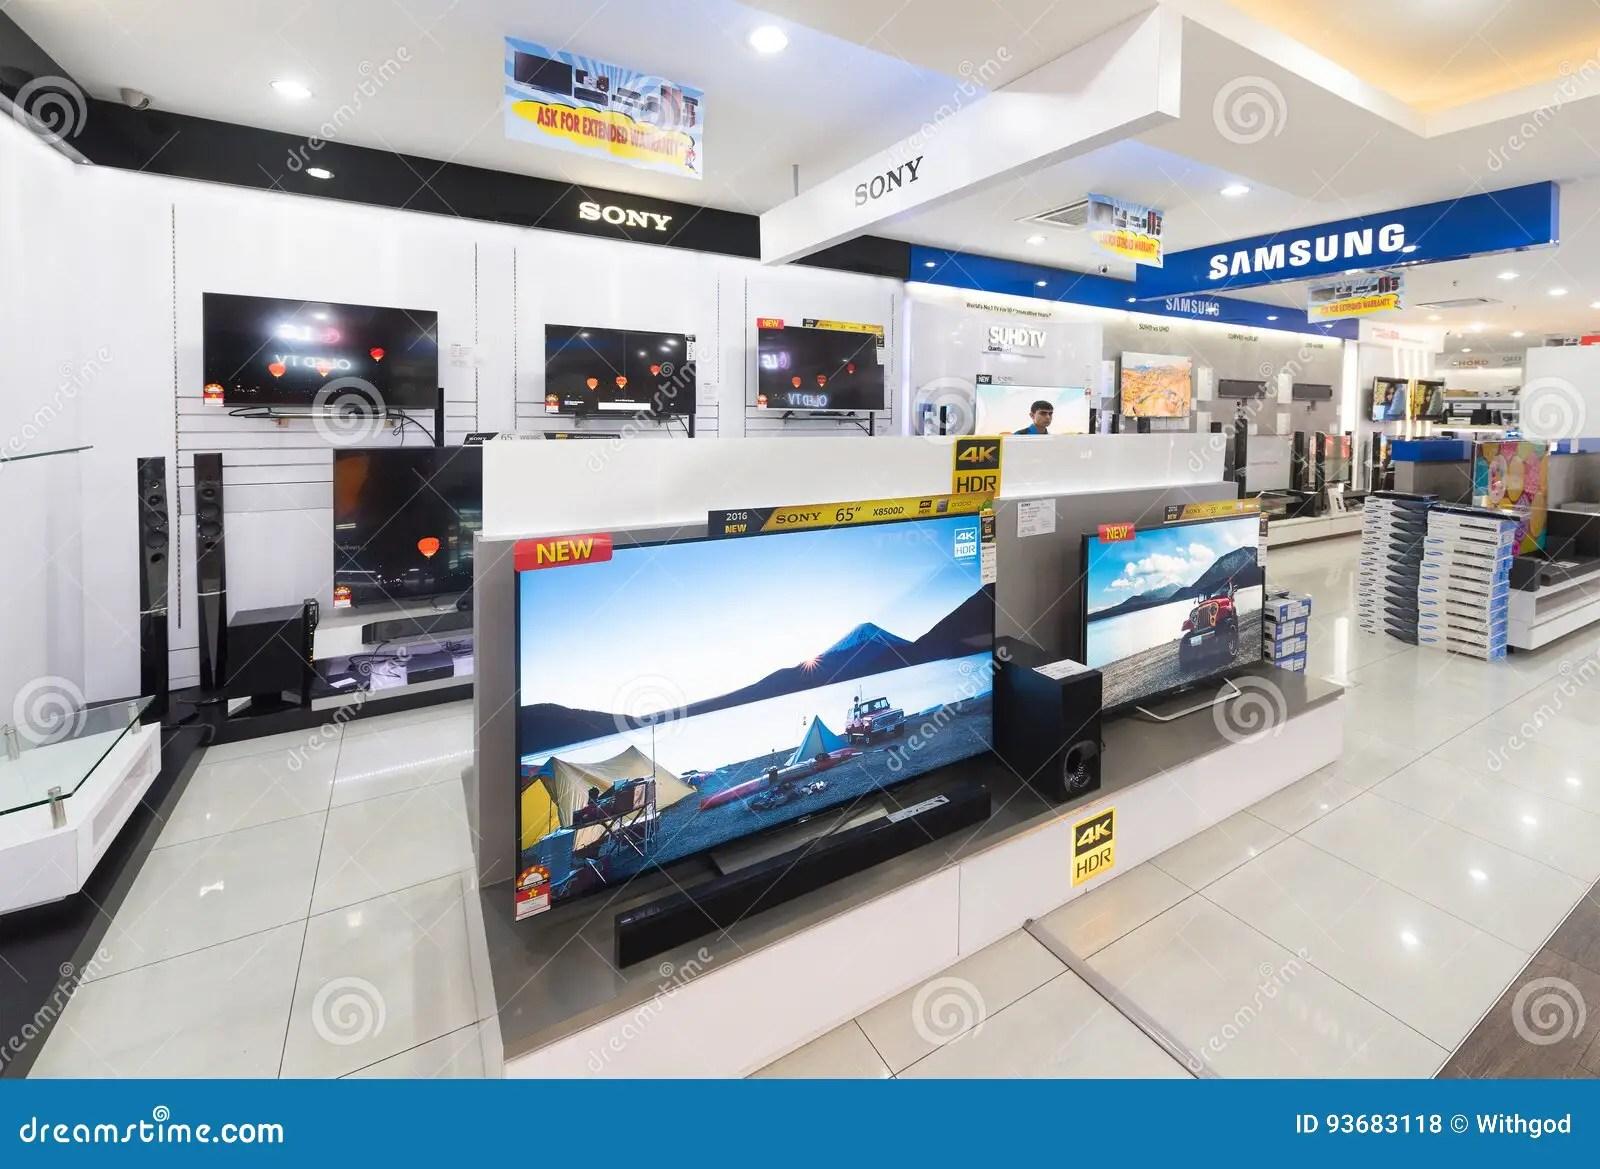 ecrans de sony et de samsung tv a vendre photo stock editorial image du appareils transmissions 93683118